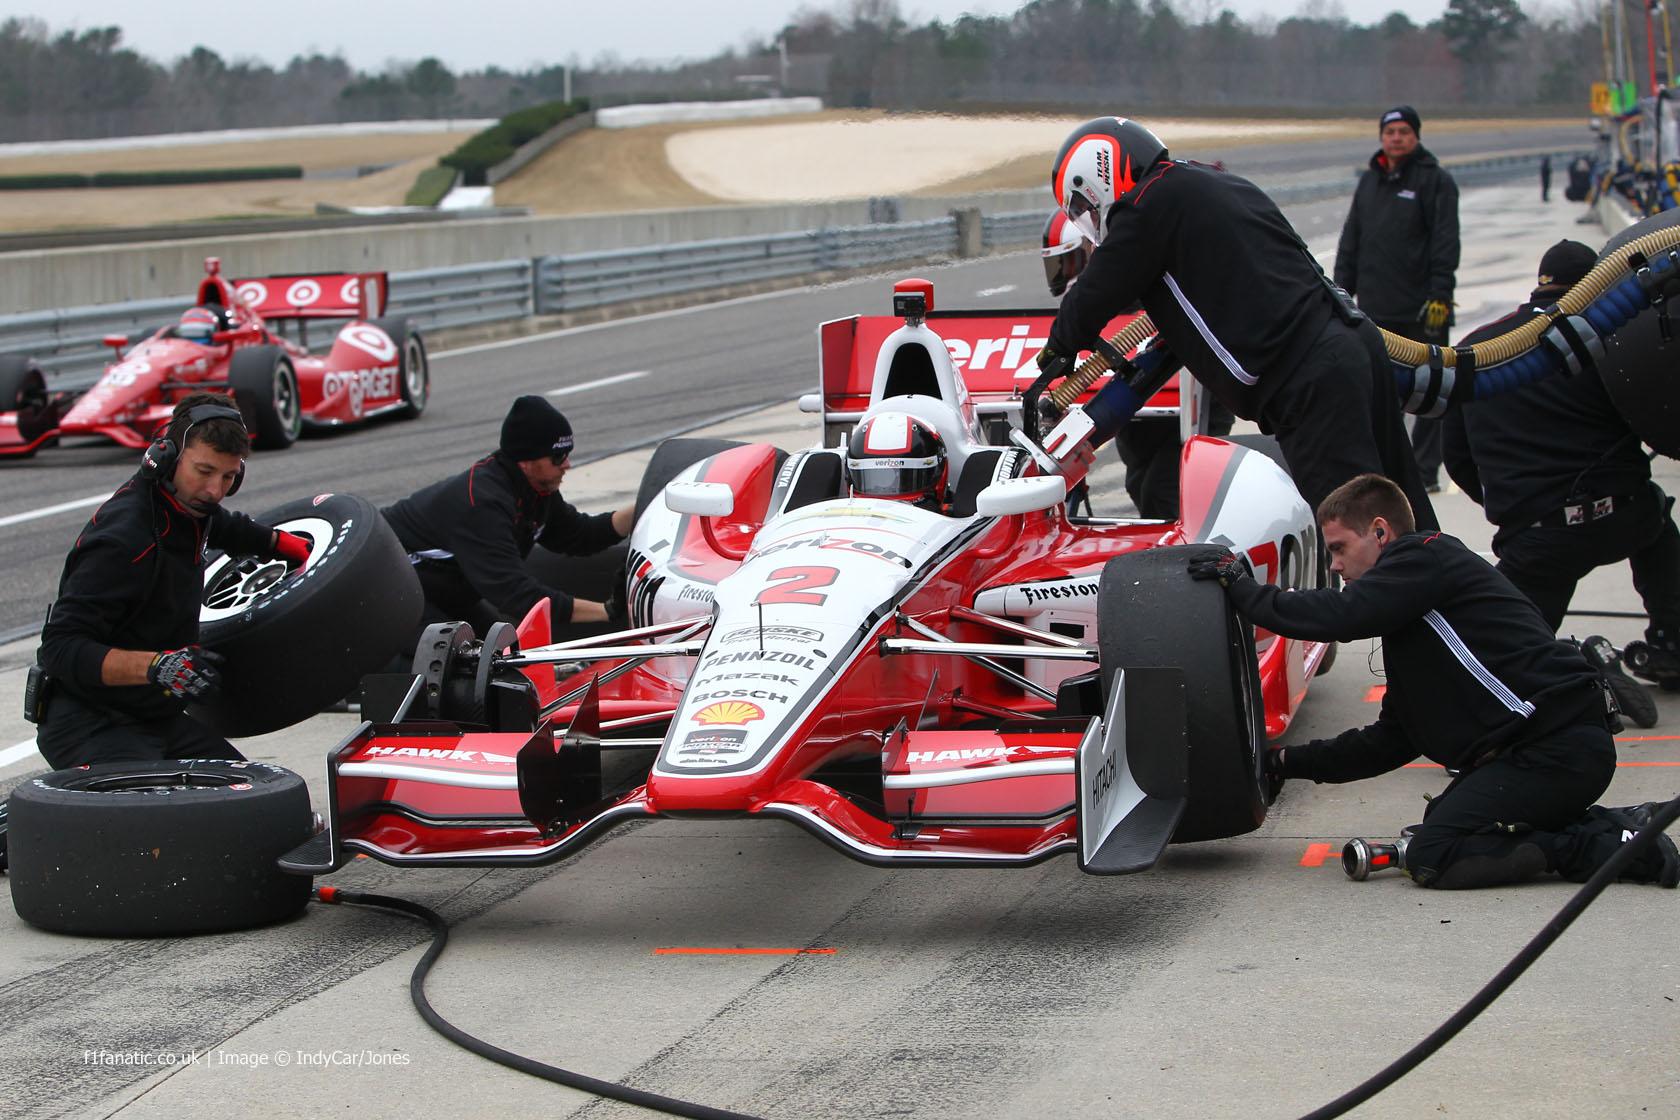 Juan Pablo Montoya, Penske, Barber Motorsport Park, 2014